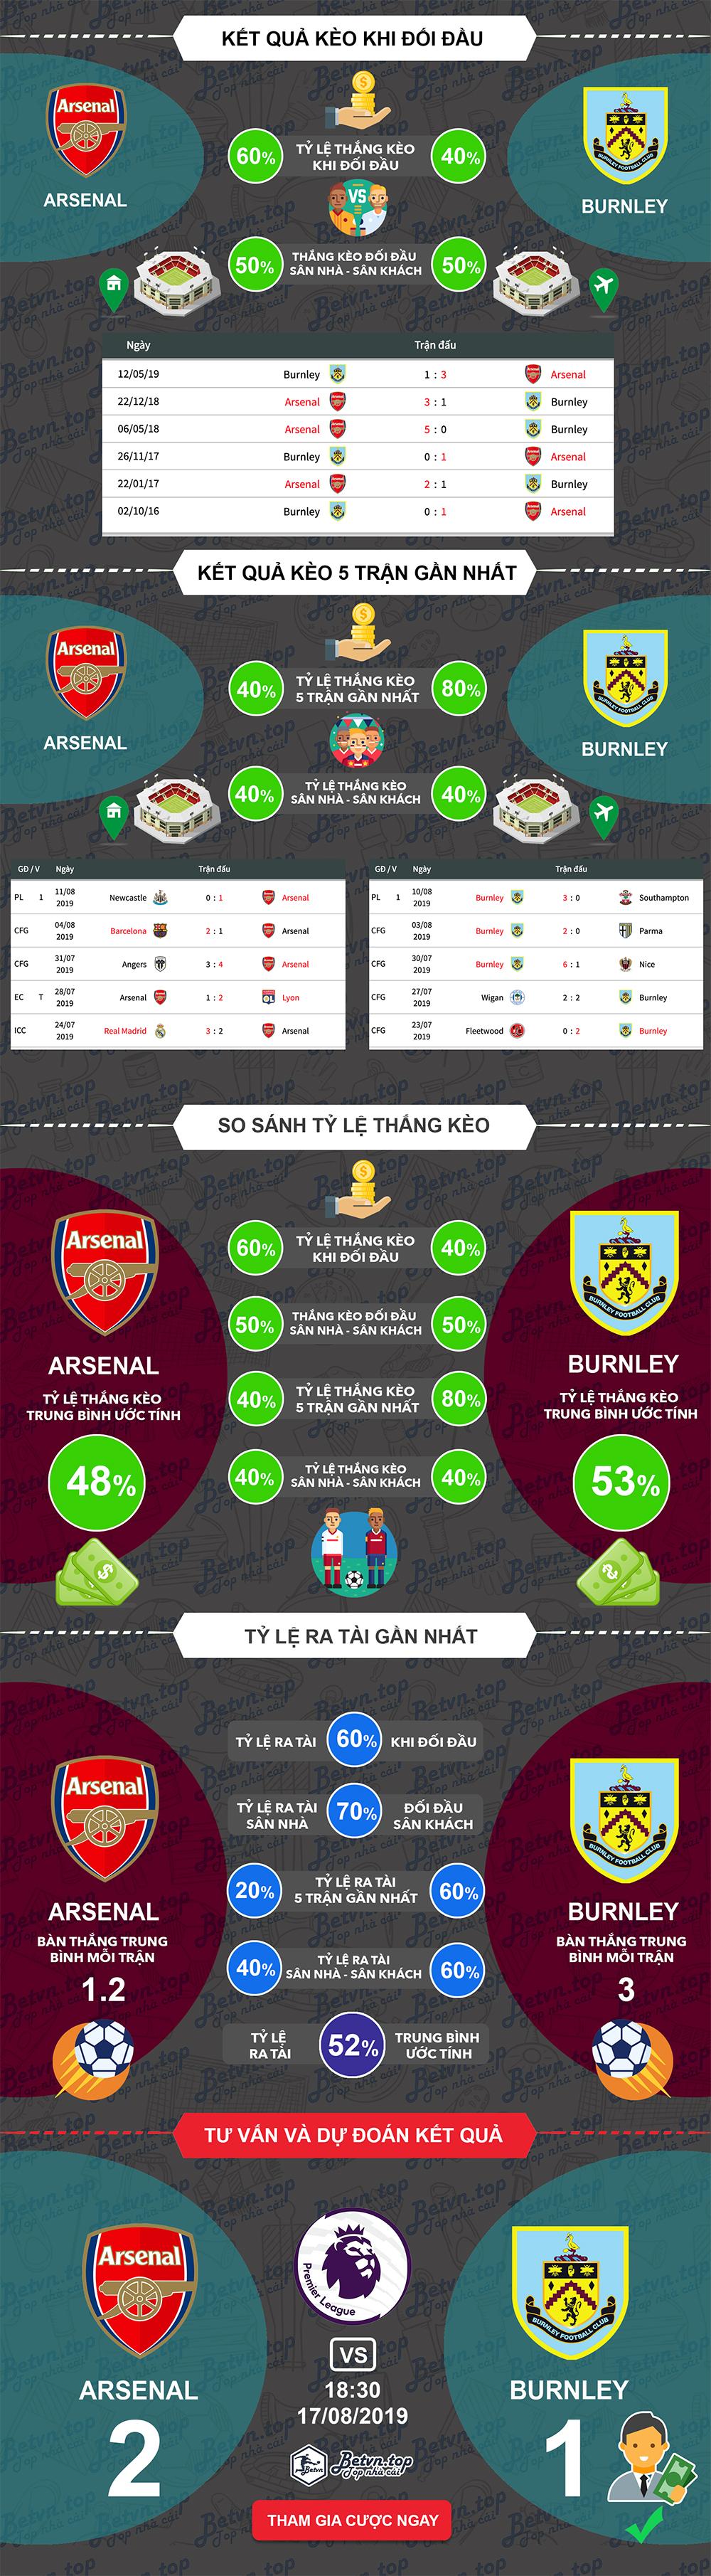 Phân tích tỷ lệ thắng kèo Arsenal vs Burnley, 18h30 ngày 17/08/2019 Ngoại hạng Anh